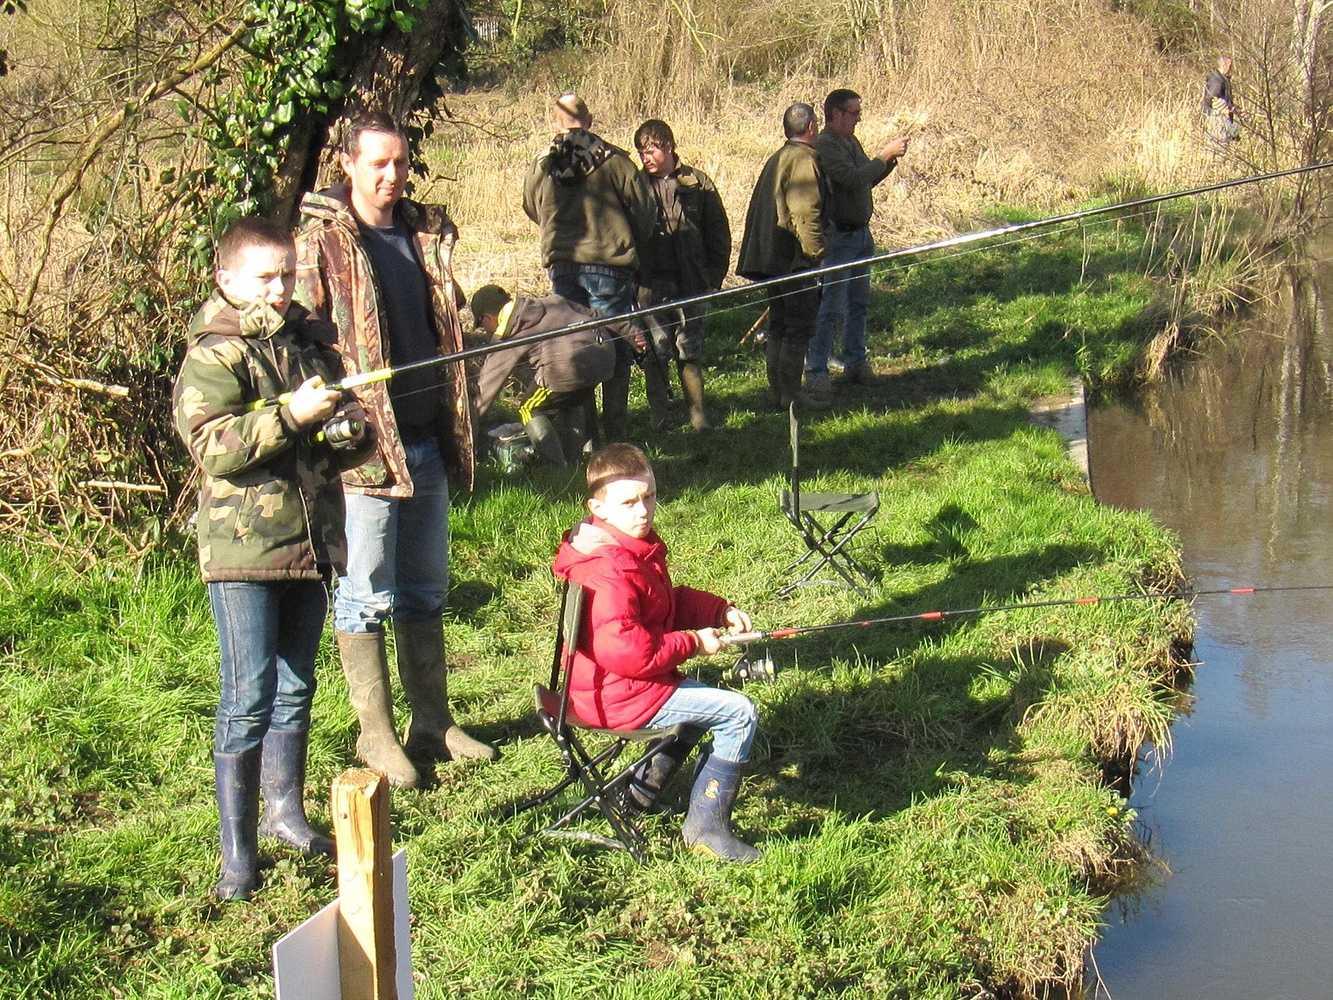 Société de pêche st2depeche